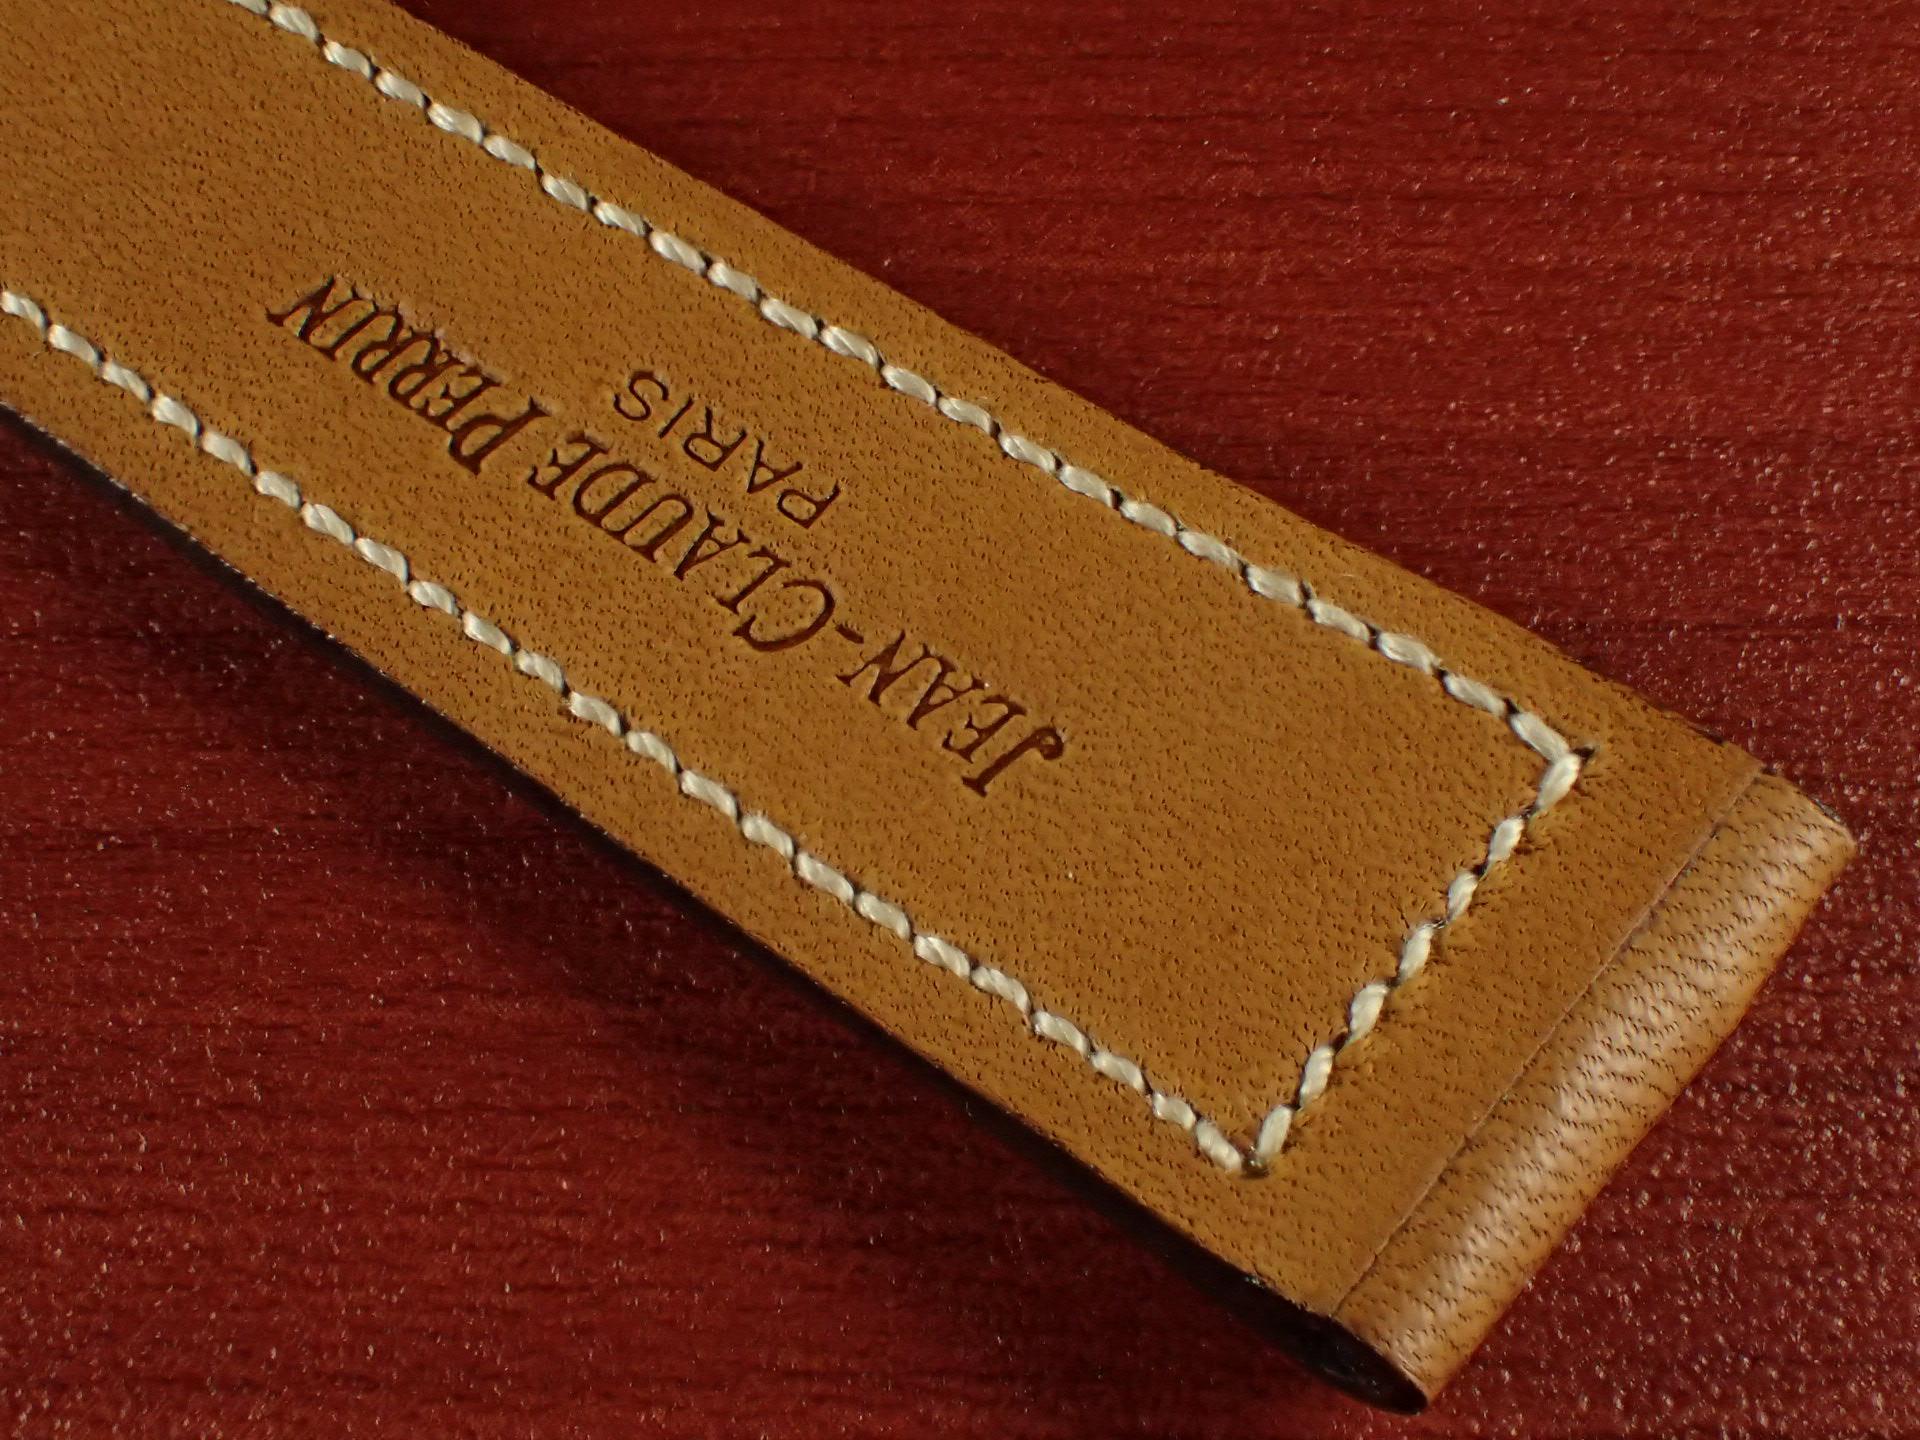 ジャン・クロード ペラン革ベルト カーフ キャメル 16、17、18、19、20mmの写真6枚目